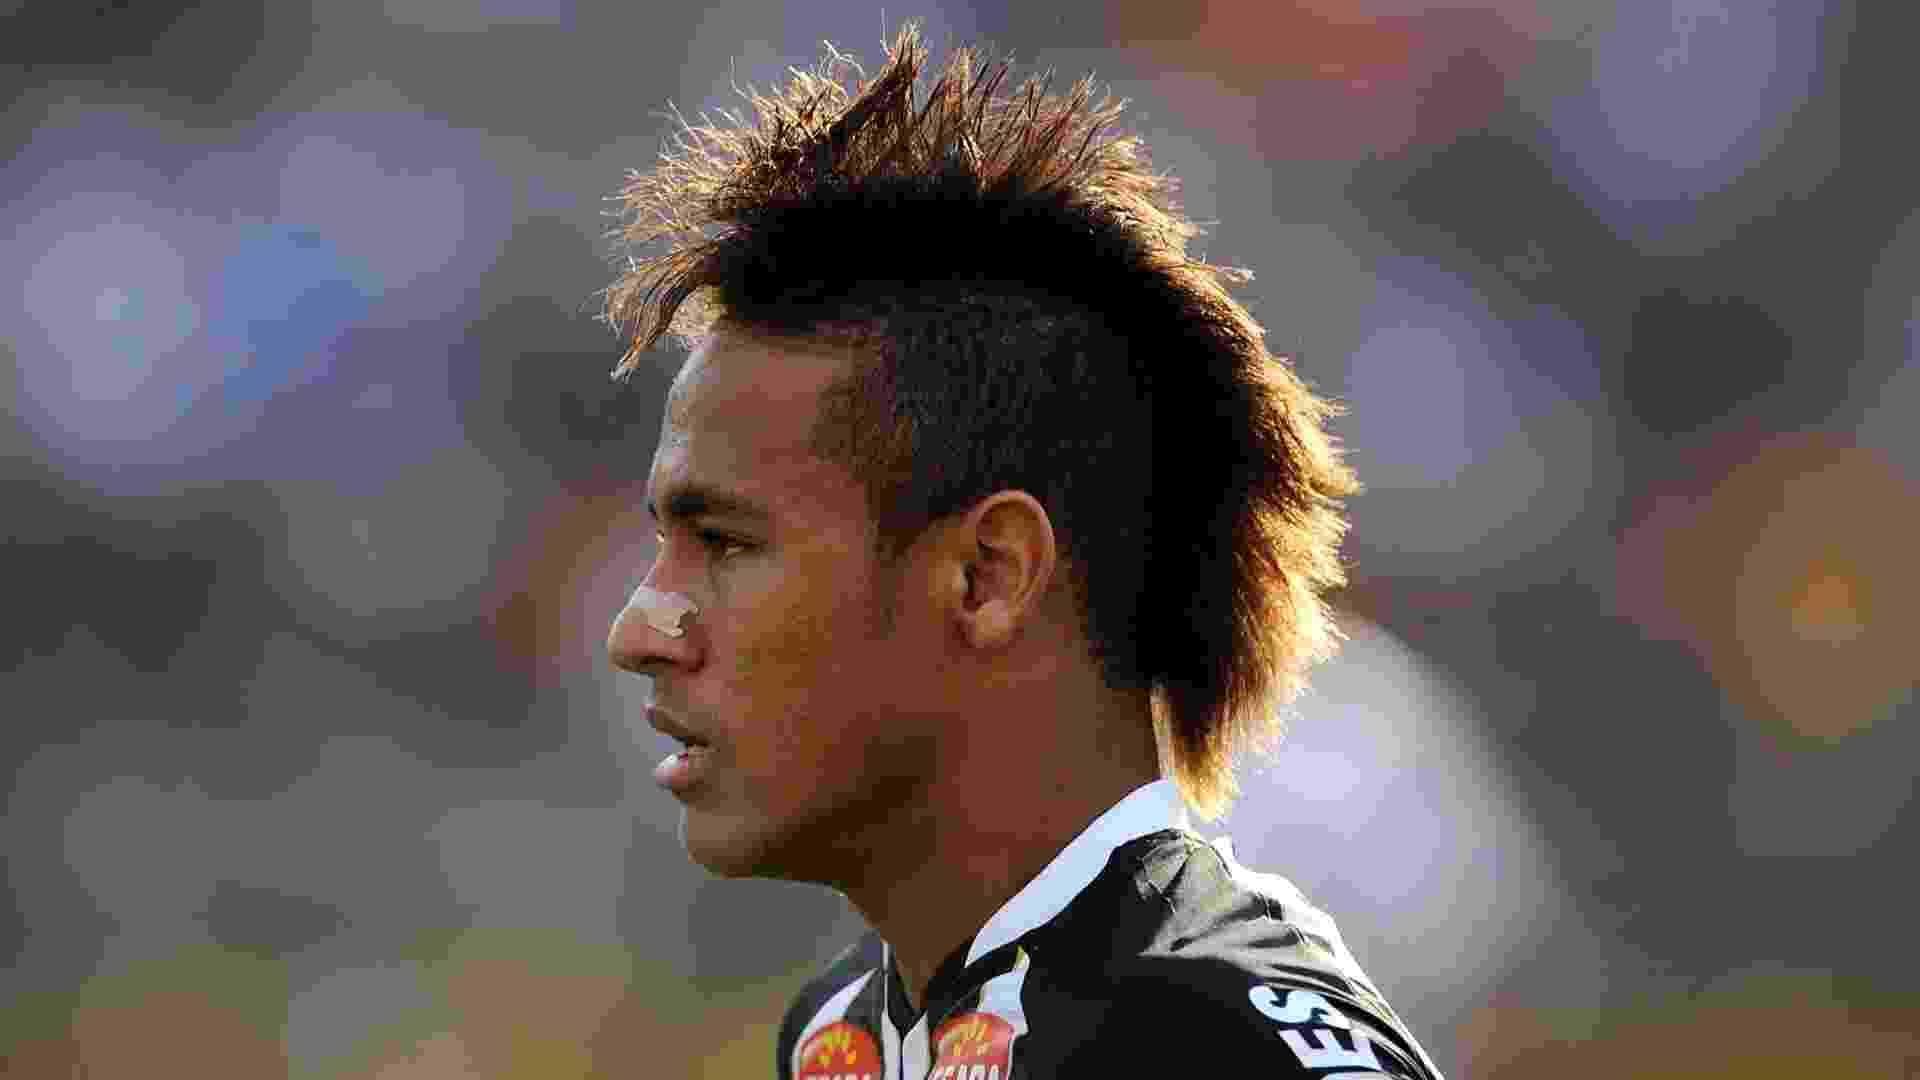 Neymar posta foto de bigode no Instagram - 20 04 2012 - UOL Esporte 72be24edd229e